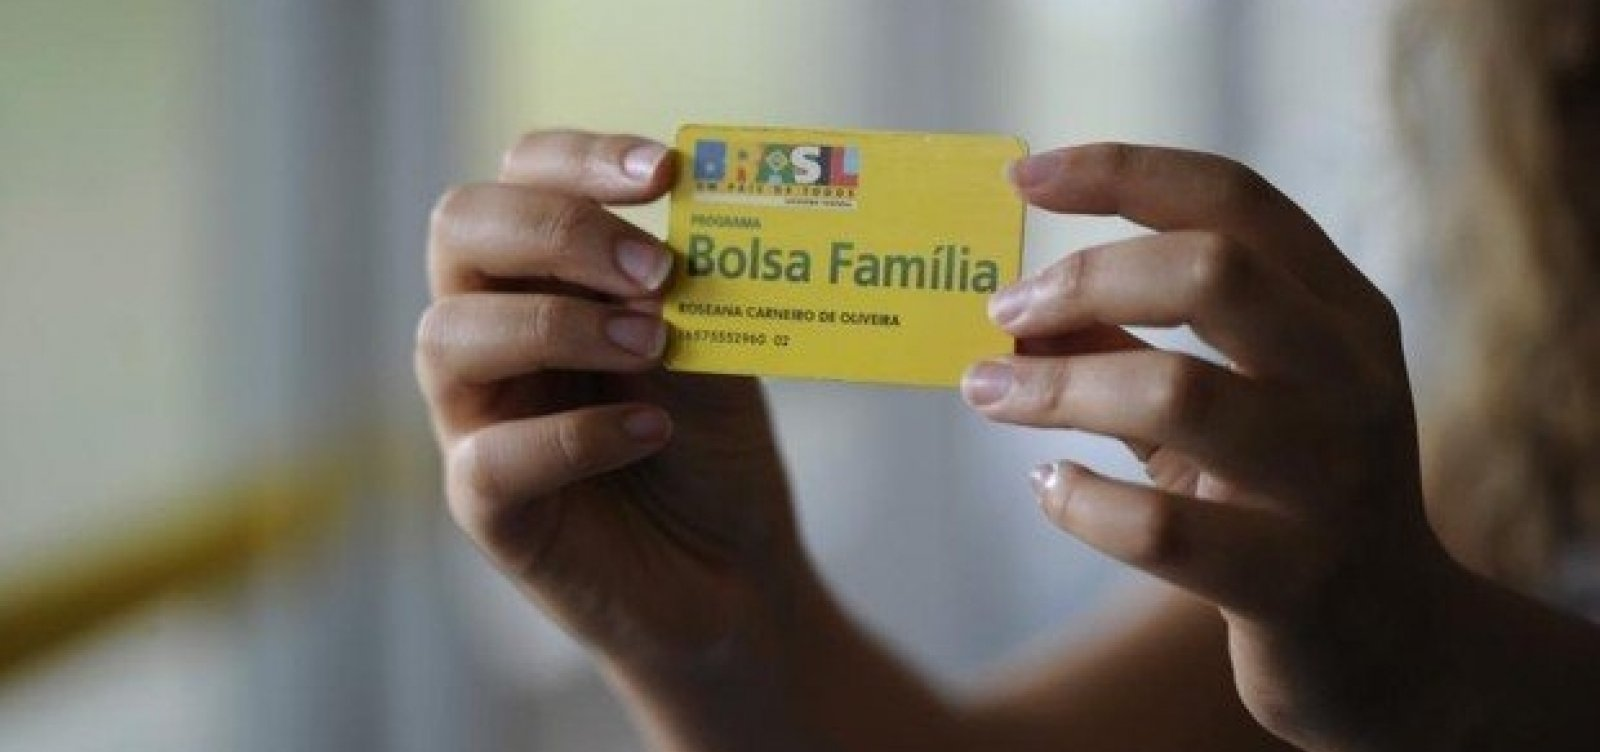 Governo pode mudar nome do Bolsa Família e destinar benefício a crianças